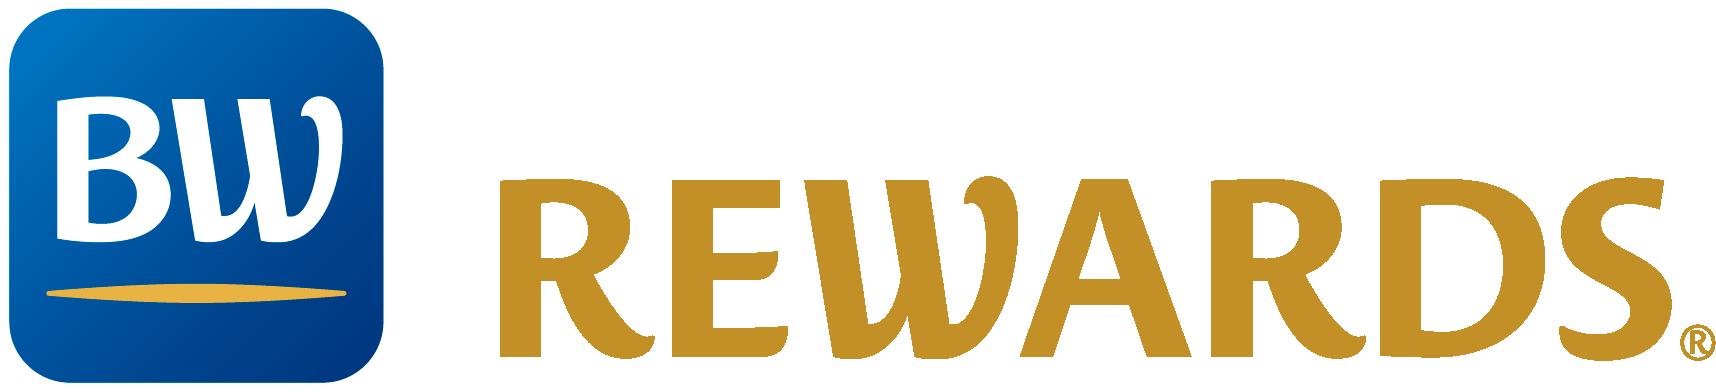 Best Wstern Suites Rewards